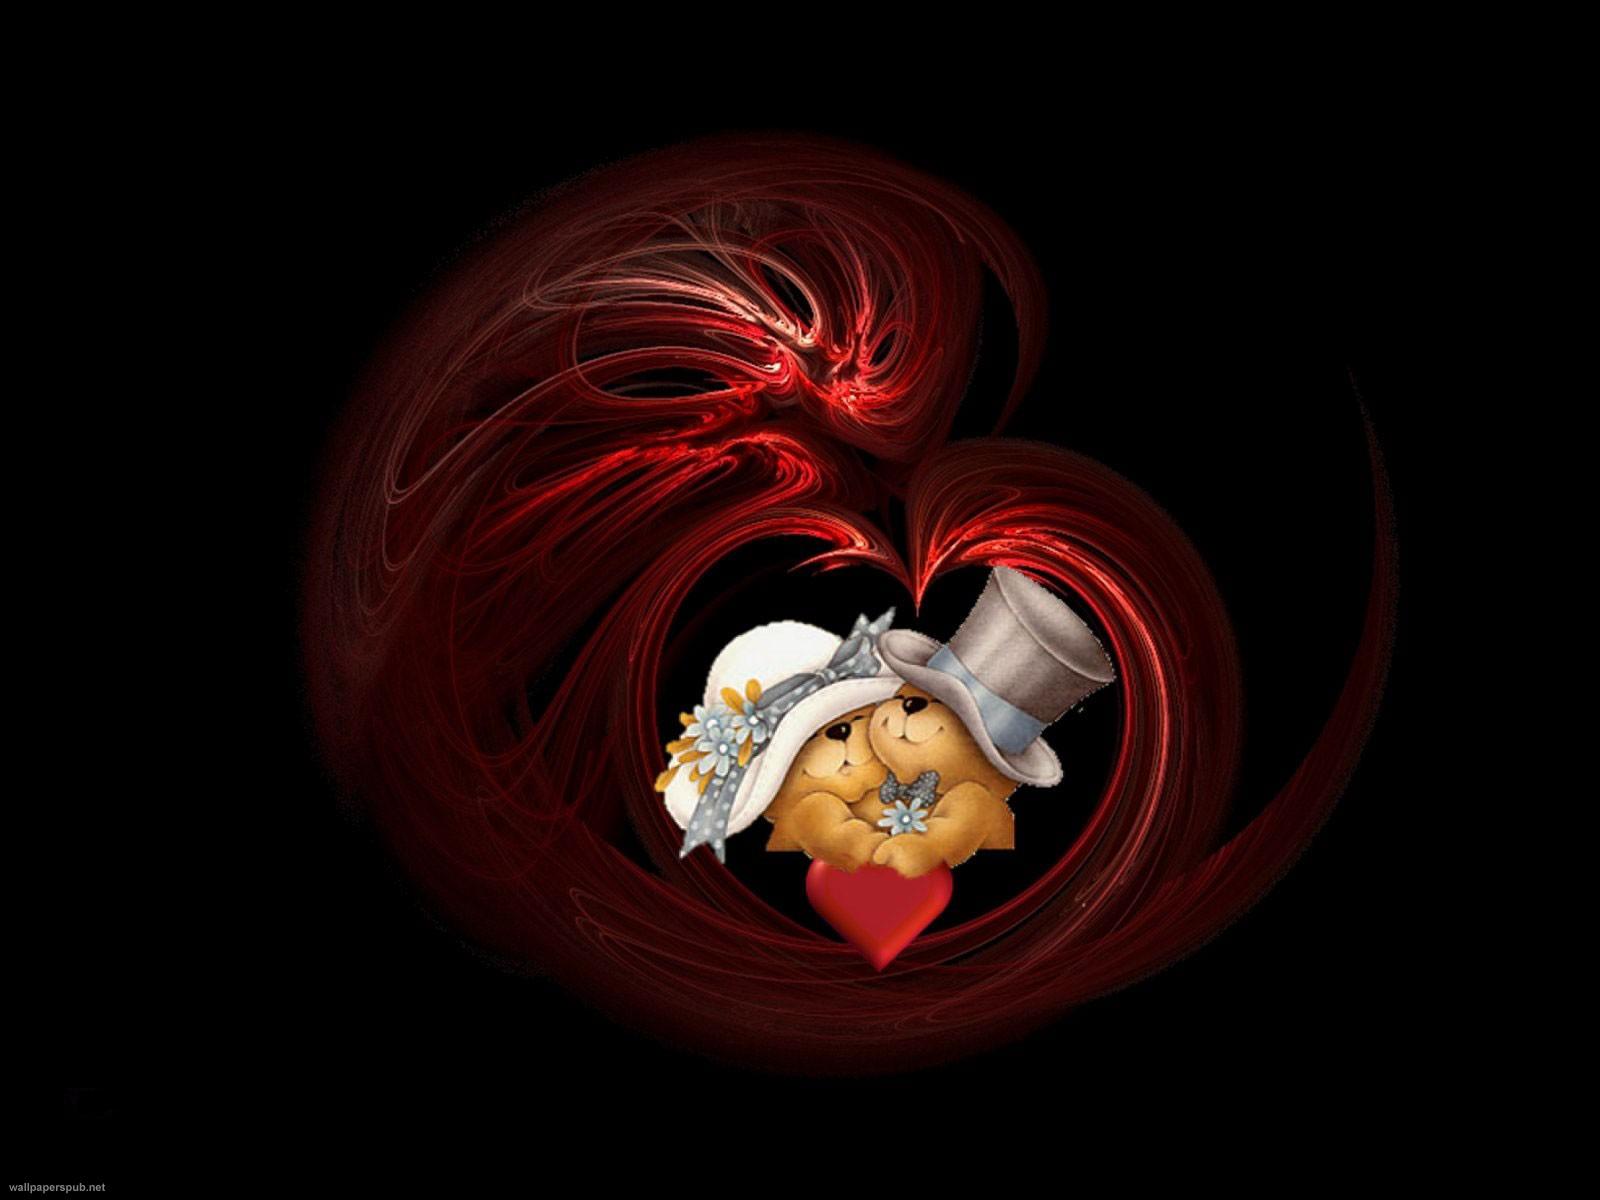 http://4.bp.blogspot.com/_v5h2qxDB1io/TThiDn-F0eI/AAAAAAAABek/C2auajW2Aoc/s1600/Valentine%2527s+Day+%252868%2529+www.myhd.tk+.jpg